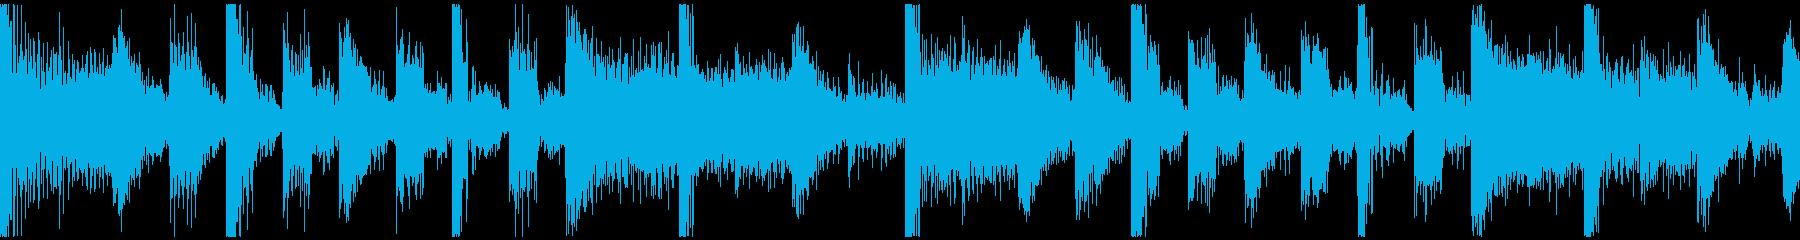 パズル待機画面BGM速度UP版 短ループの再生済みの波形